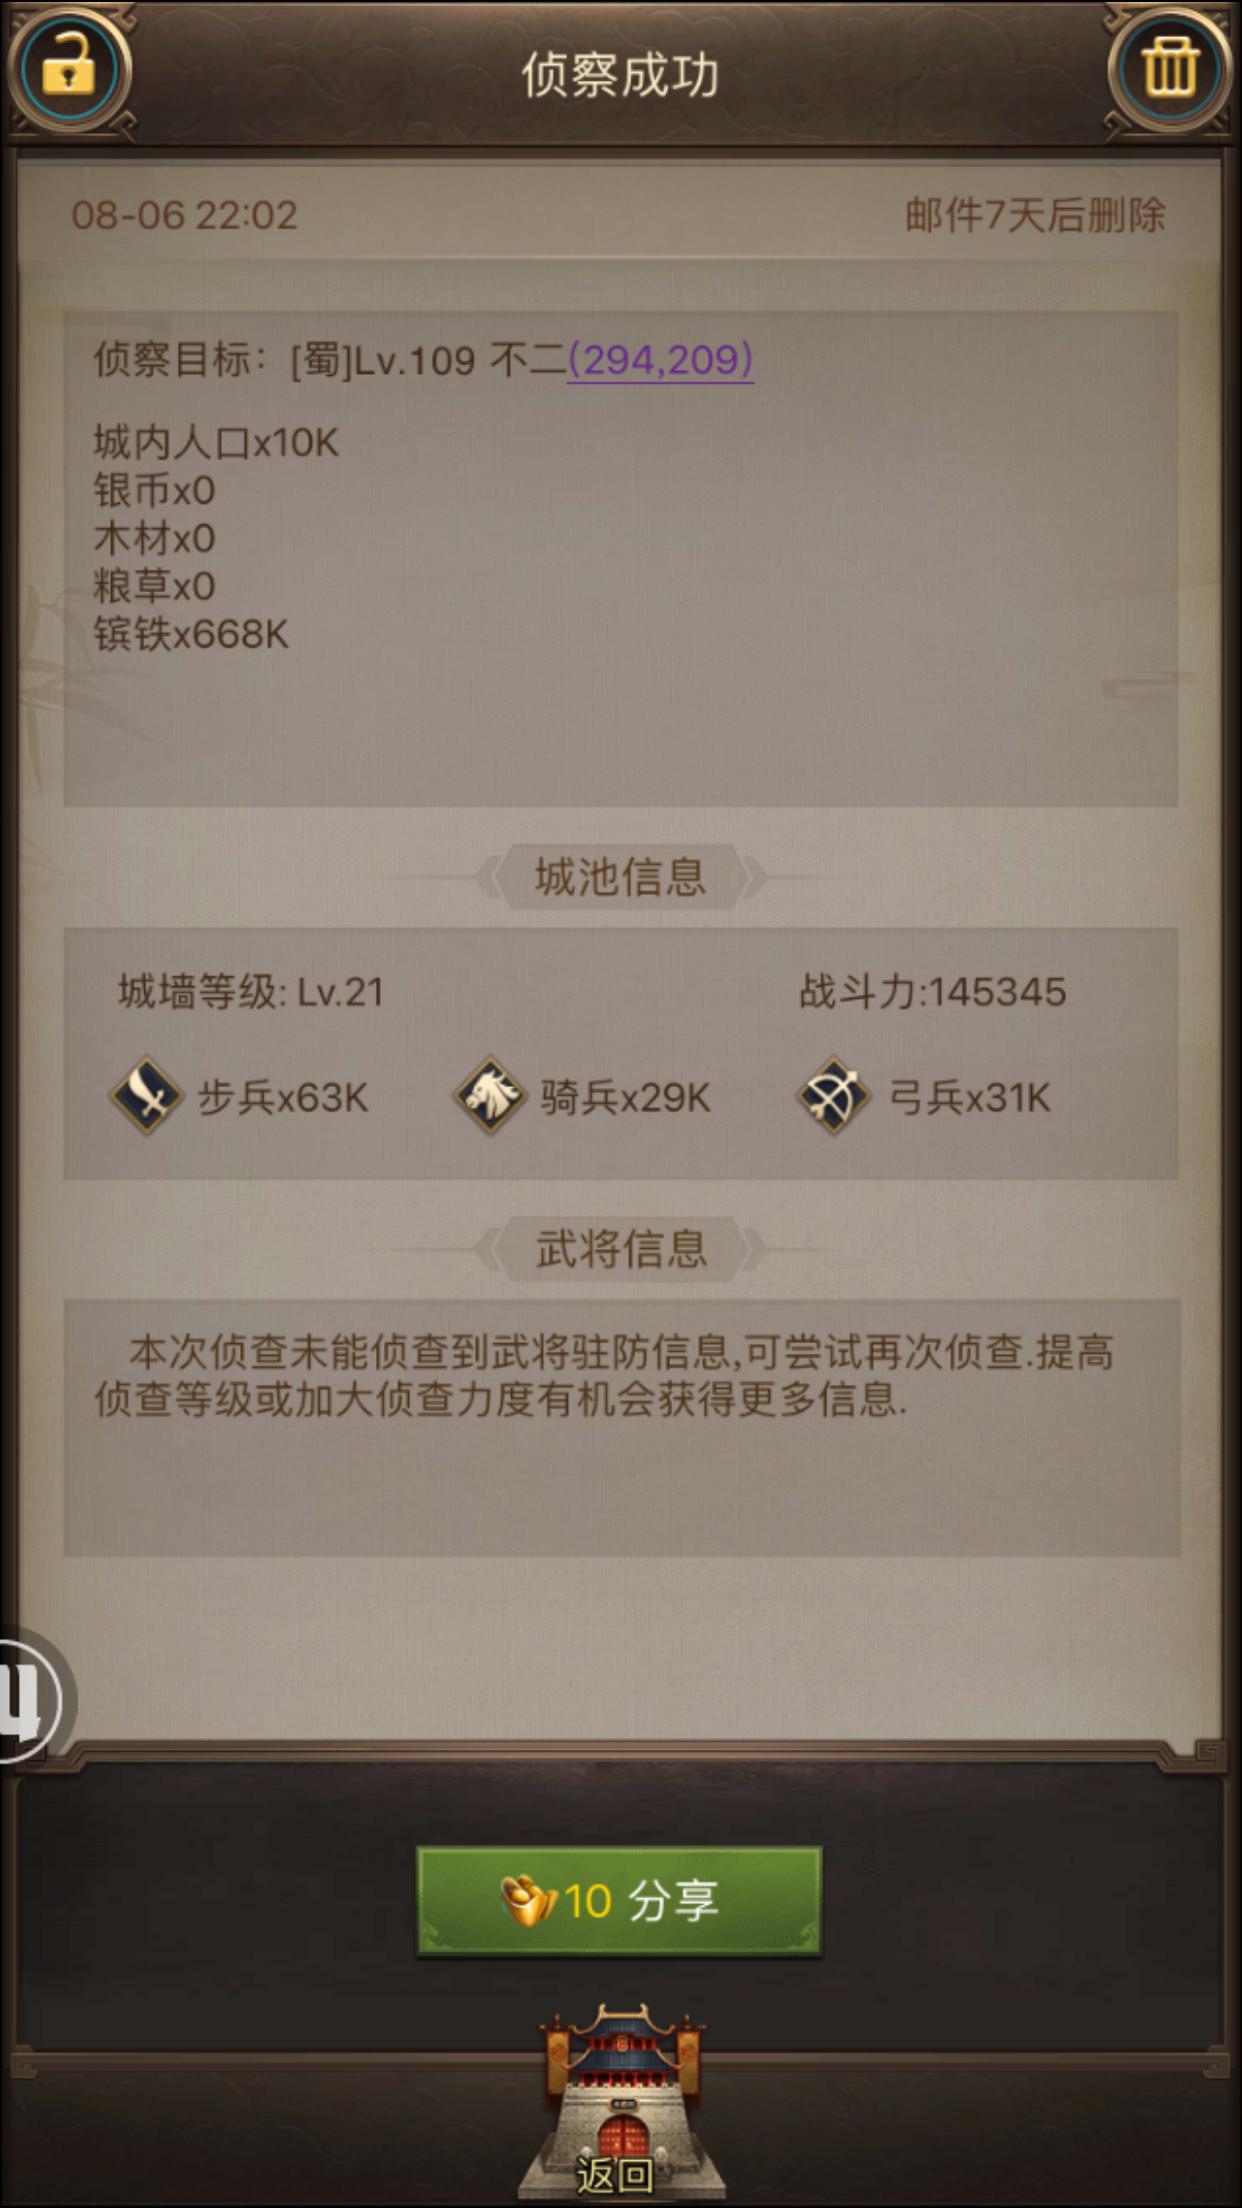 6C19C014-A7E8-4ED5-8537-4ED84FEC607A.png